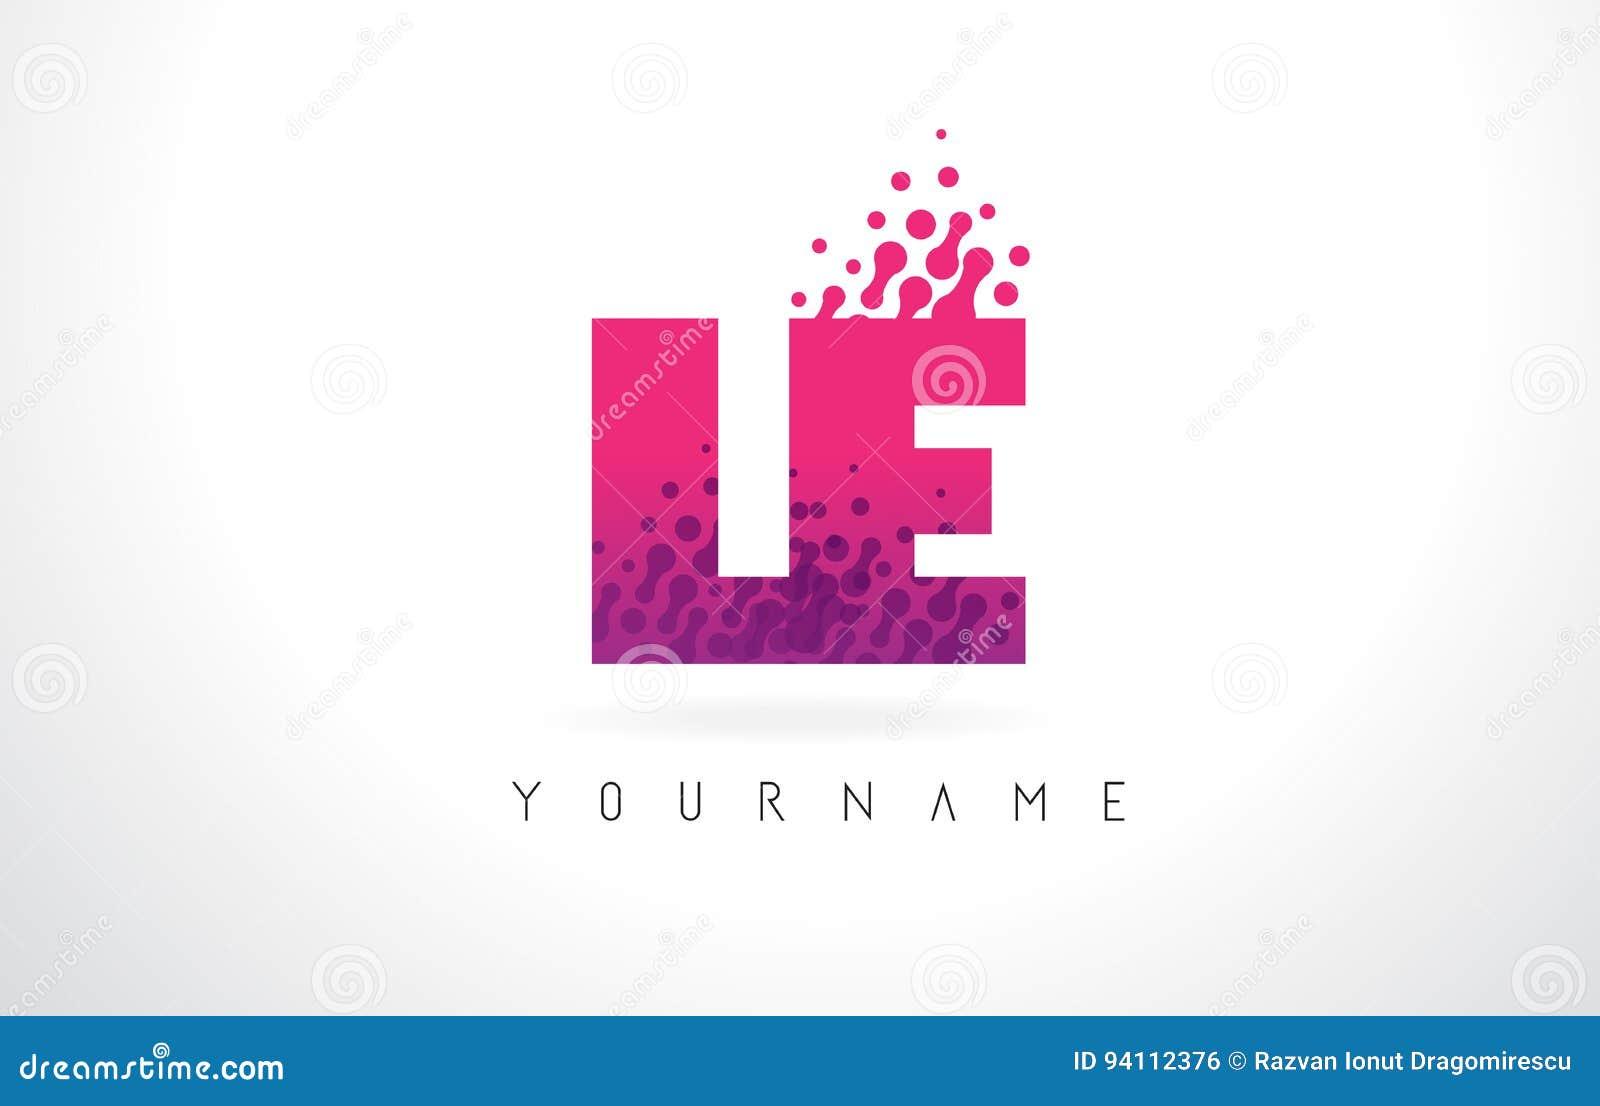 LE L E Letter Logo With Pink Purple Color And Particles Dots Des ...